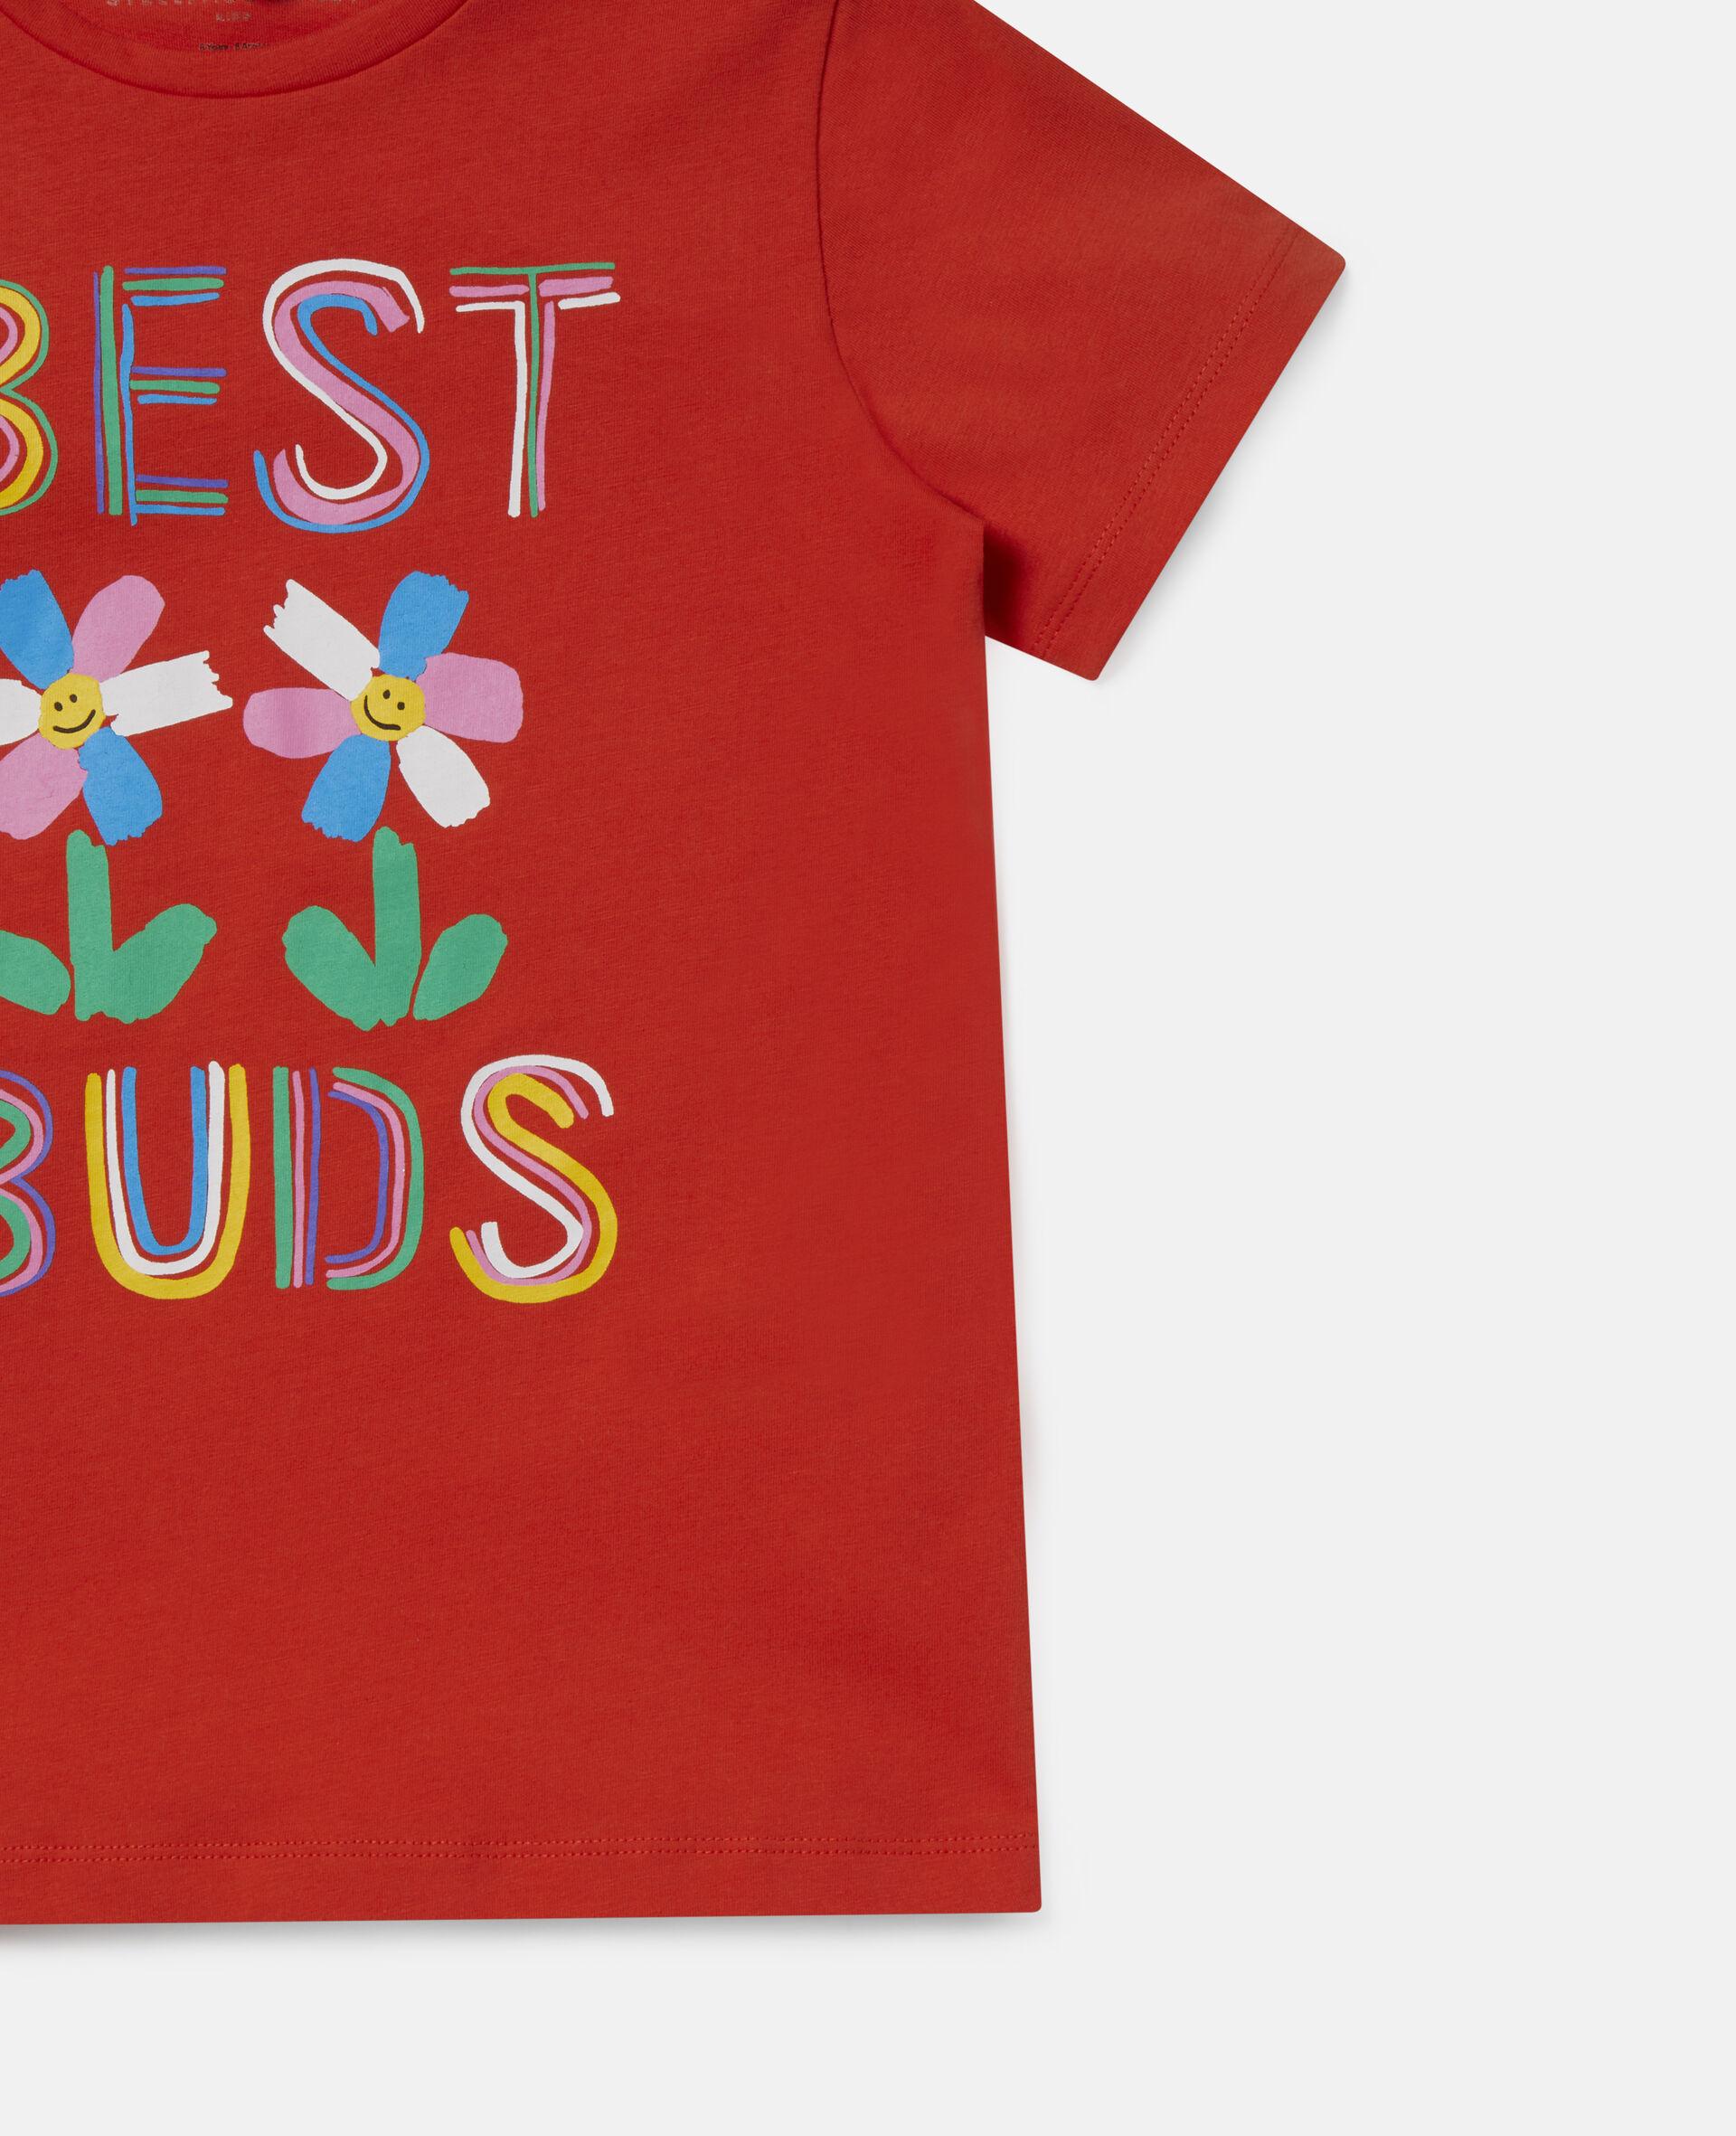 T-shirt en coton Best Buds-Rouge-large image number 1